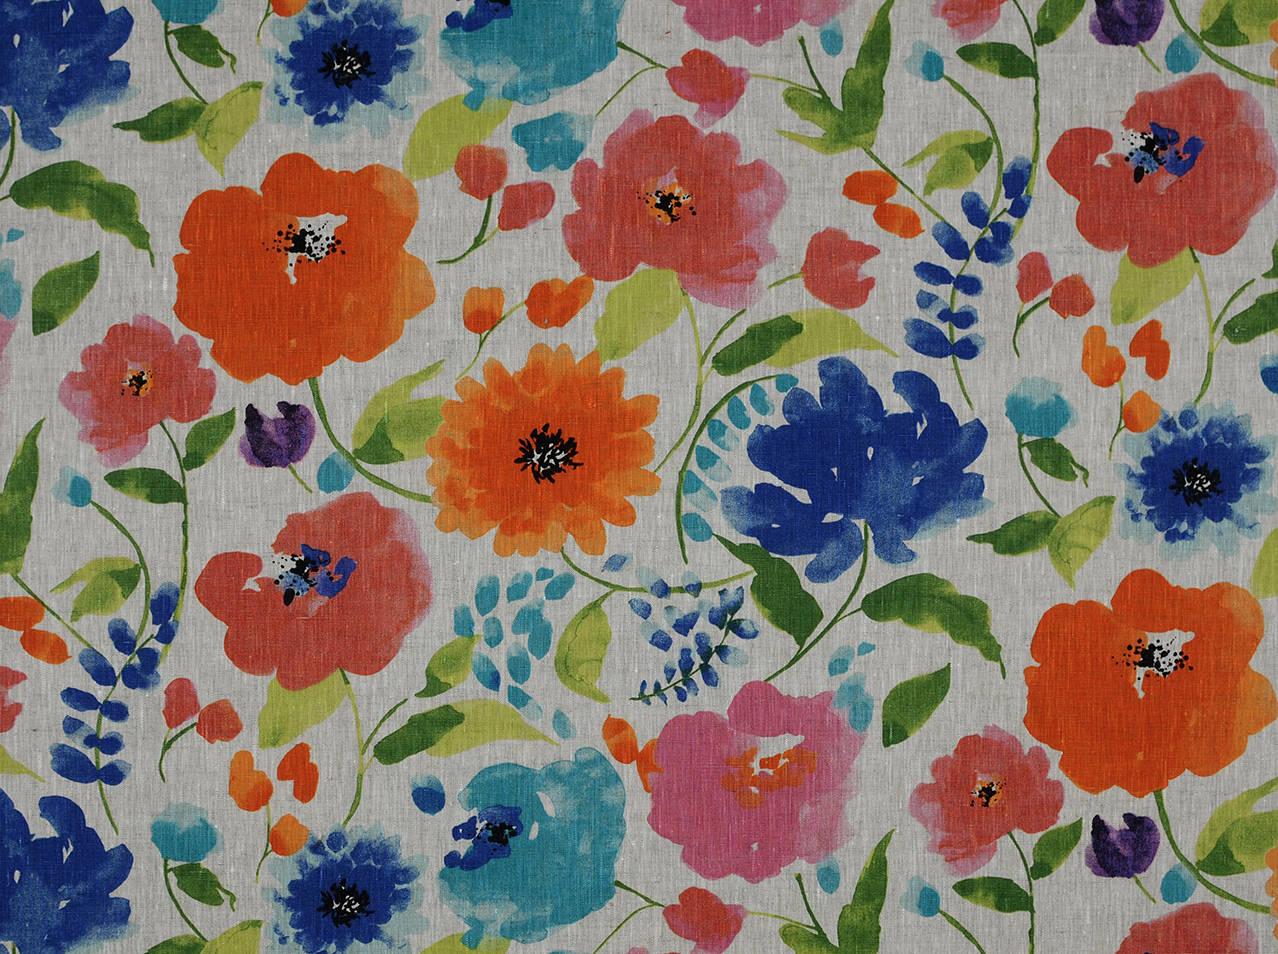 Heirloom Prints Hl les Aquarelles Linen Floral